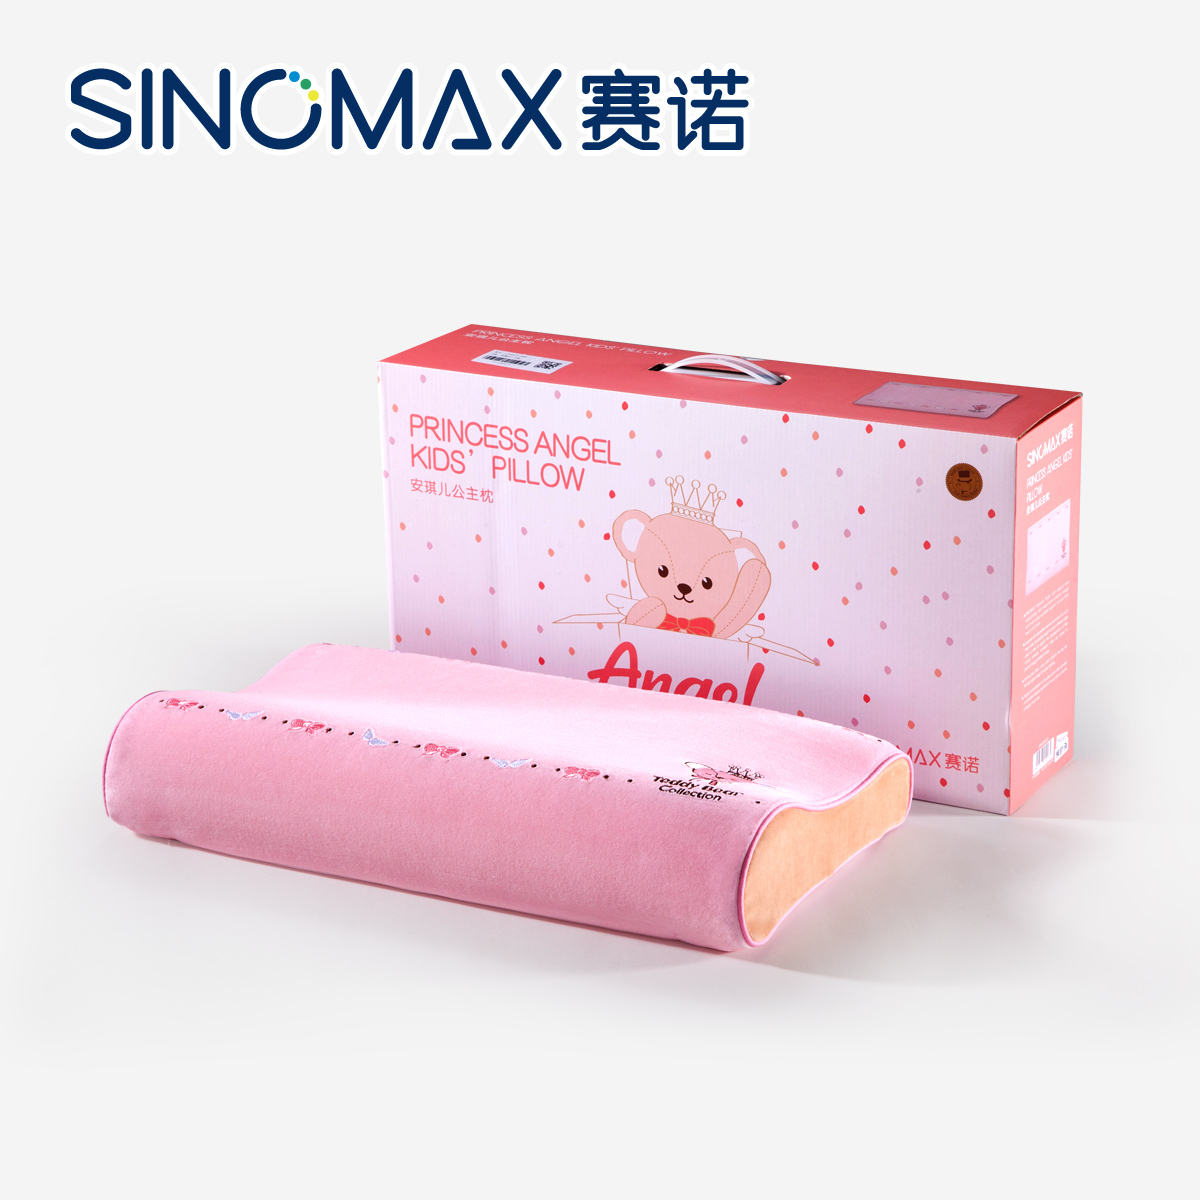 sinomax赛诺正版泰迪熊儿童枕PP-190